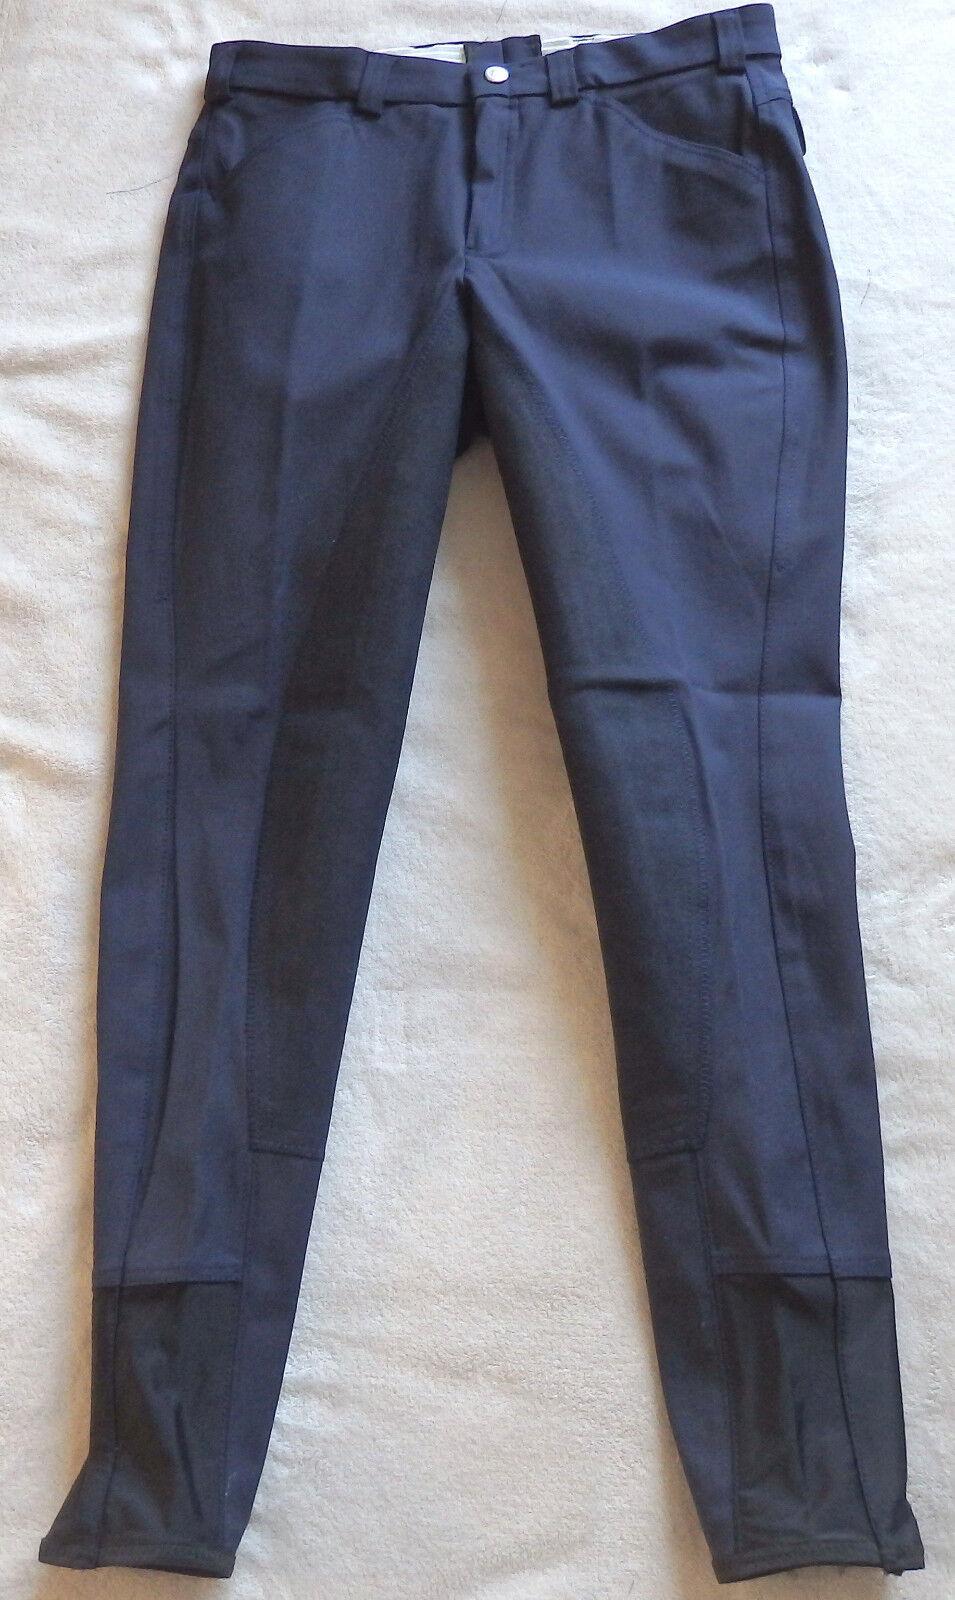 Mens jodhpurs, Full Trim, Dark bluee, Size 54, stretchbeinabschluß, baroux  (6)  low price